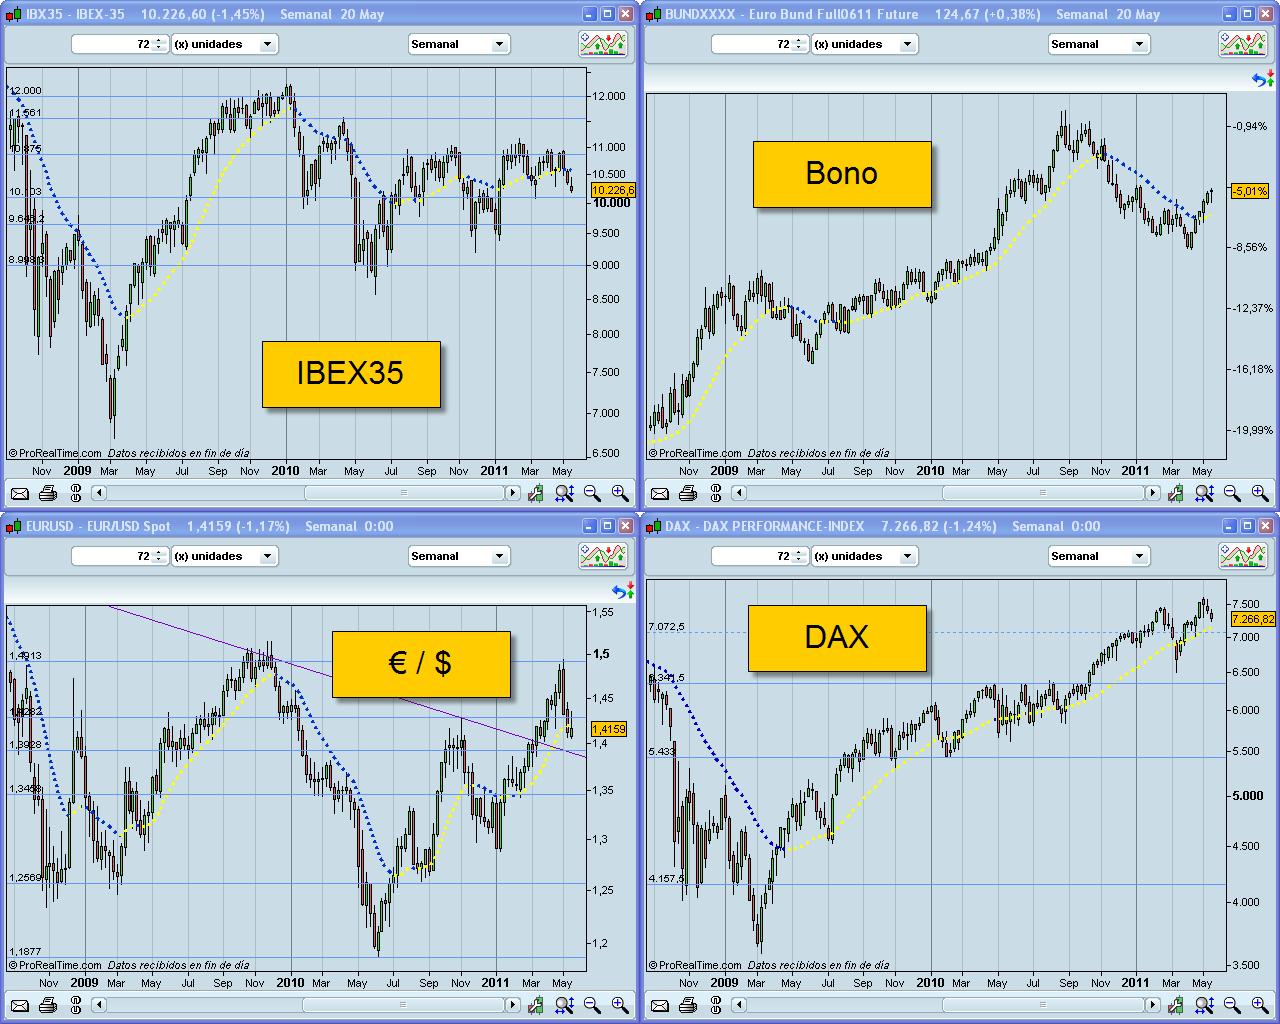 Situación del mercado a 23/V/2011